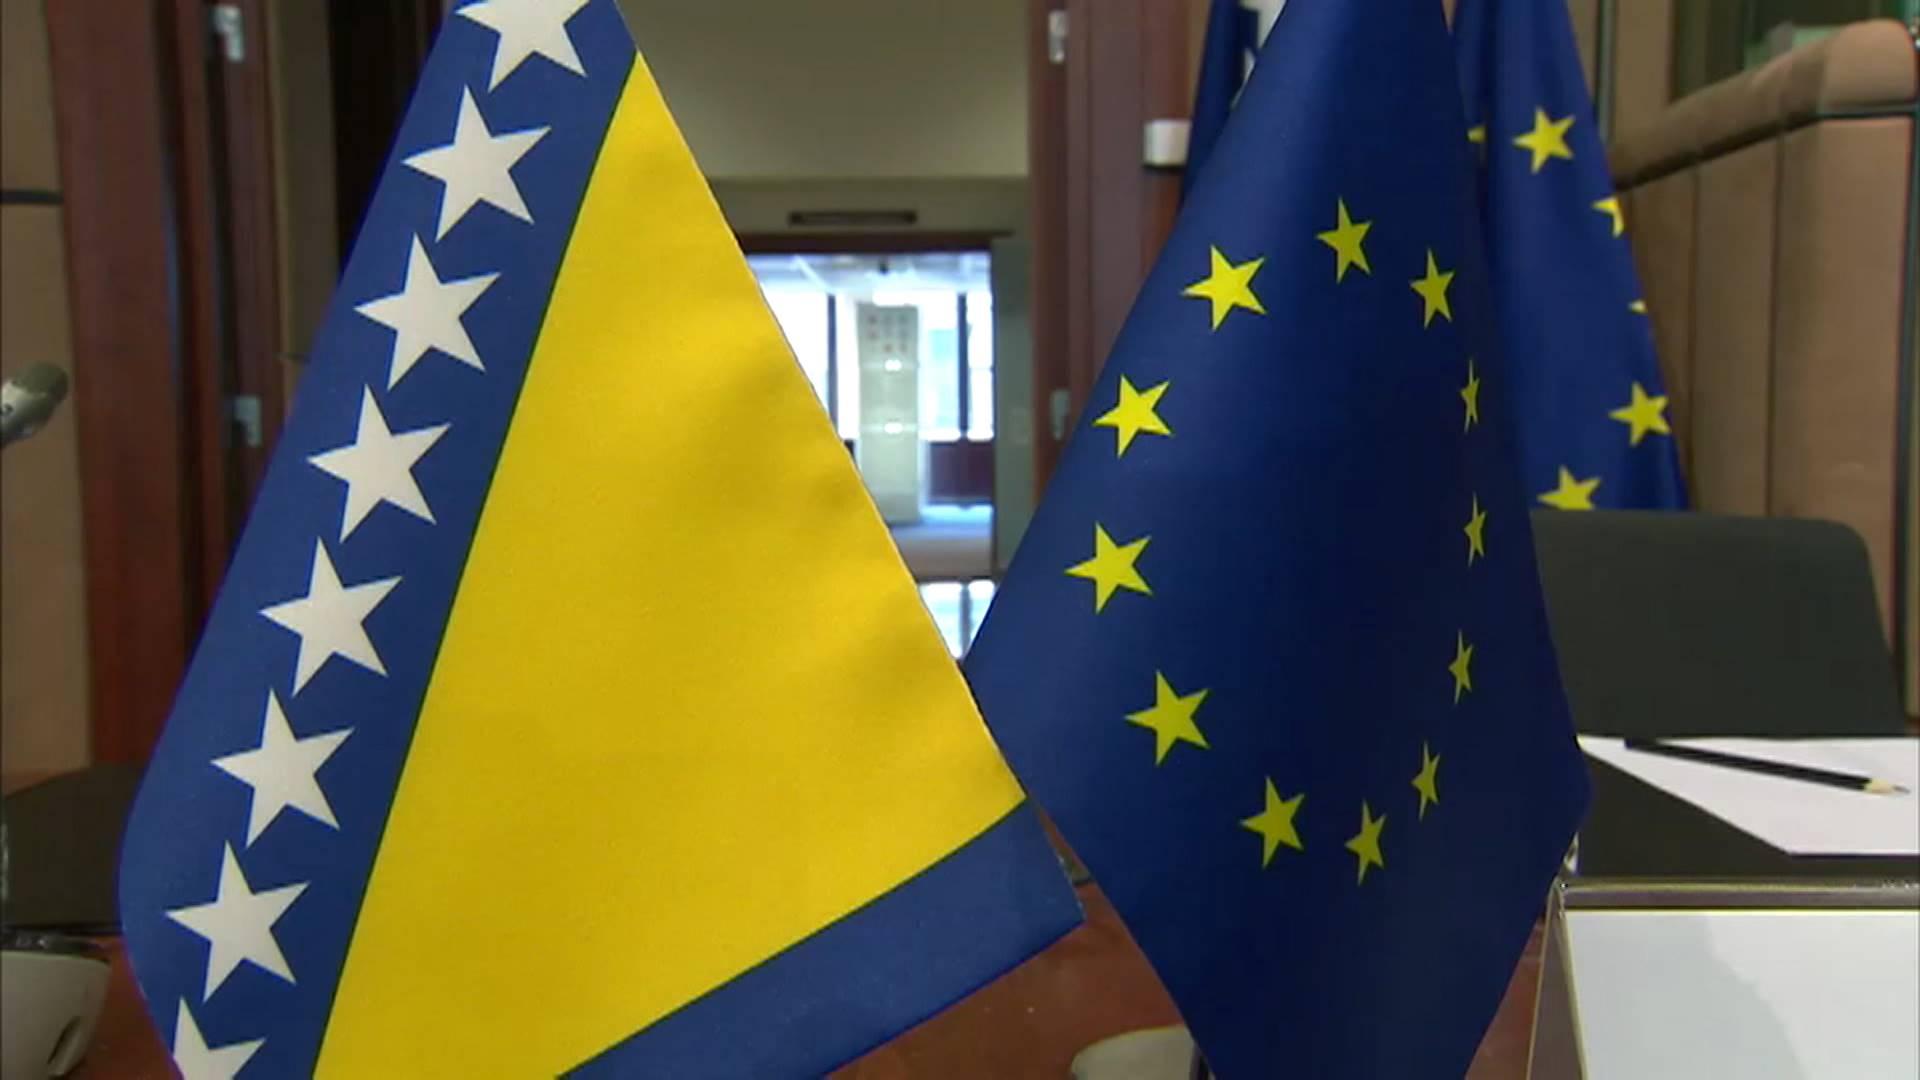 Β-Ε: Εξασφάλιση στέγασης σε περισσότερους από 2.700 πολίτες από την ΕΕ